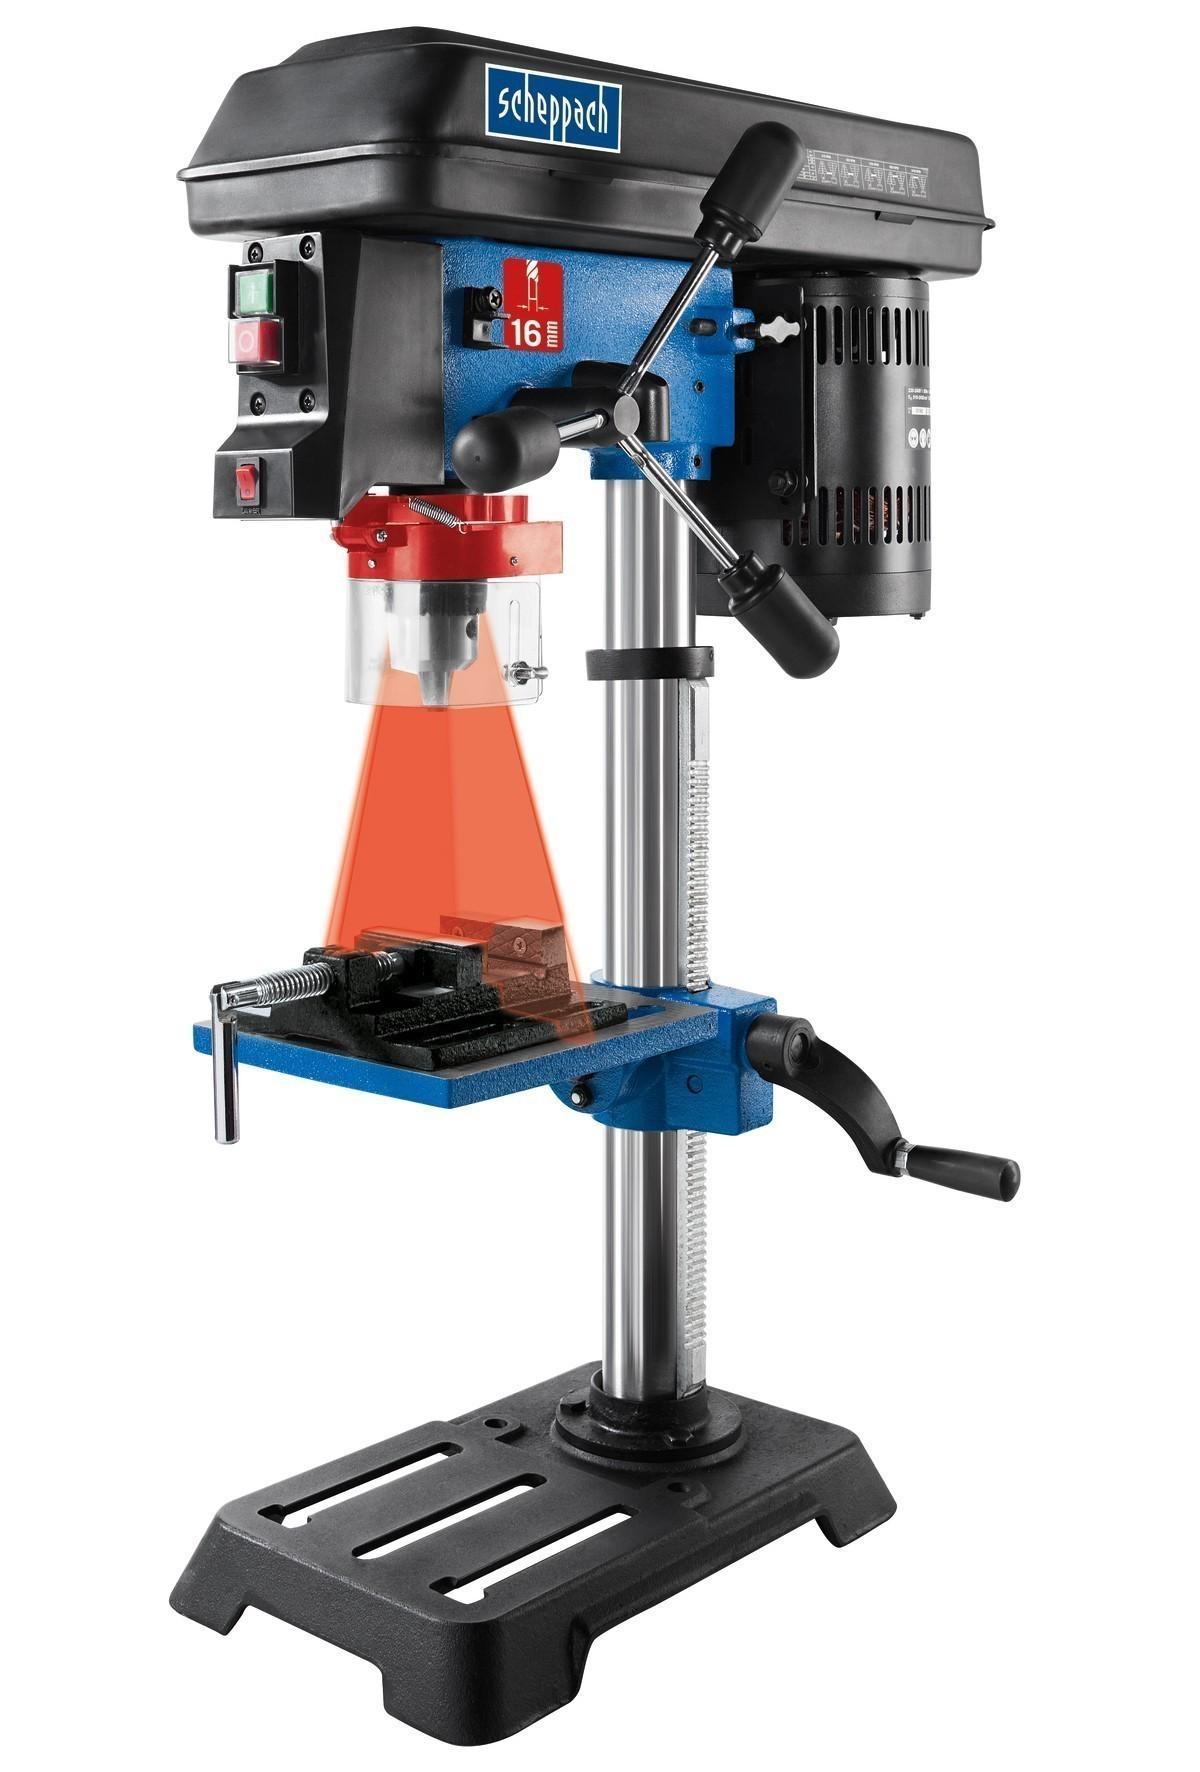 Scheppach Bohrmaschine / Tischbohrmaschine DP16SL 230V 550W Bild 2